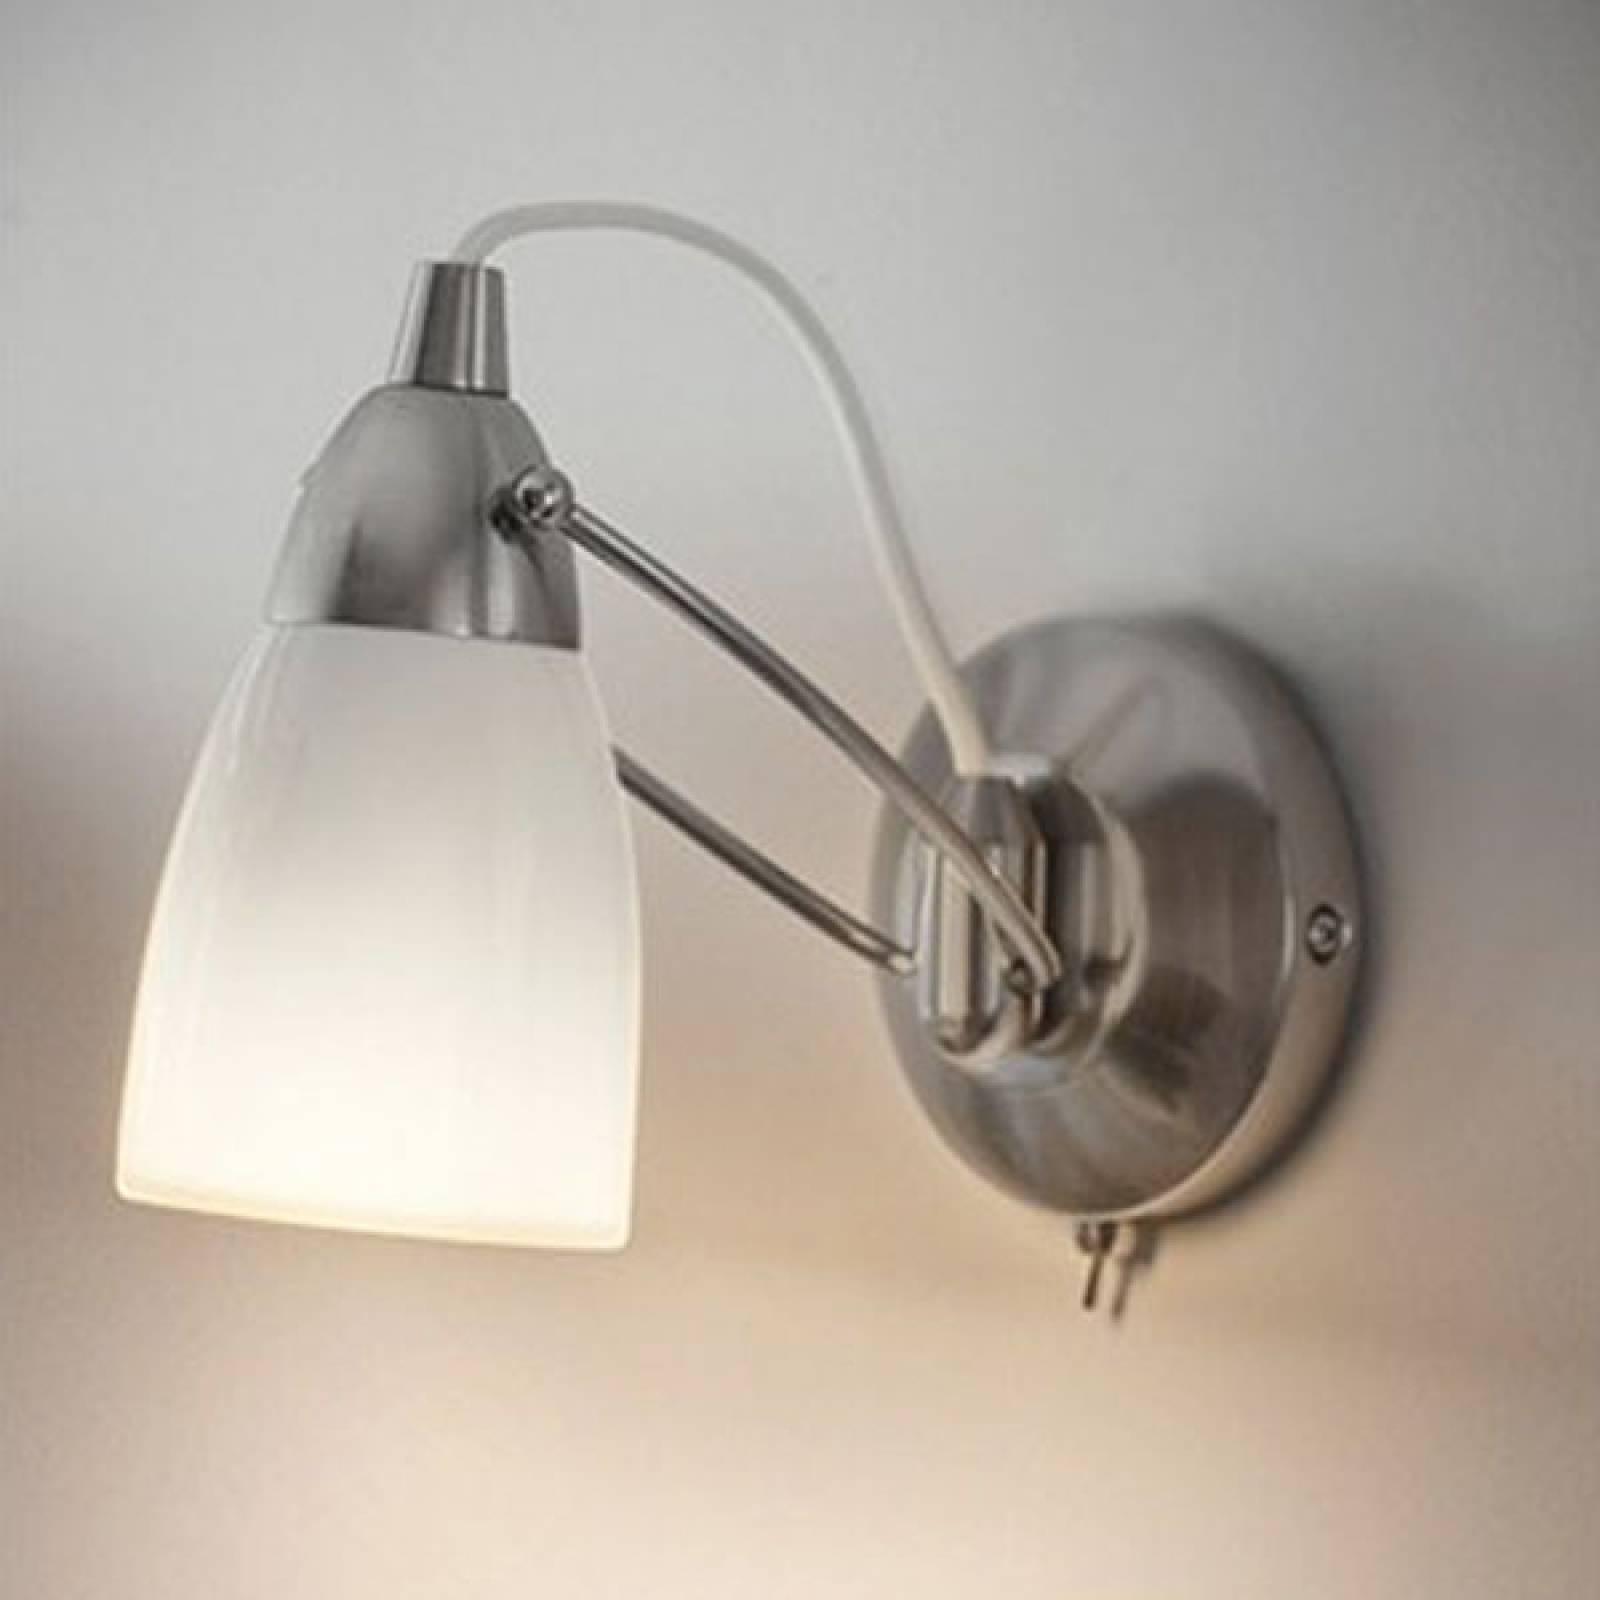 Shoreditch Porcelain Wall Light